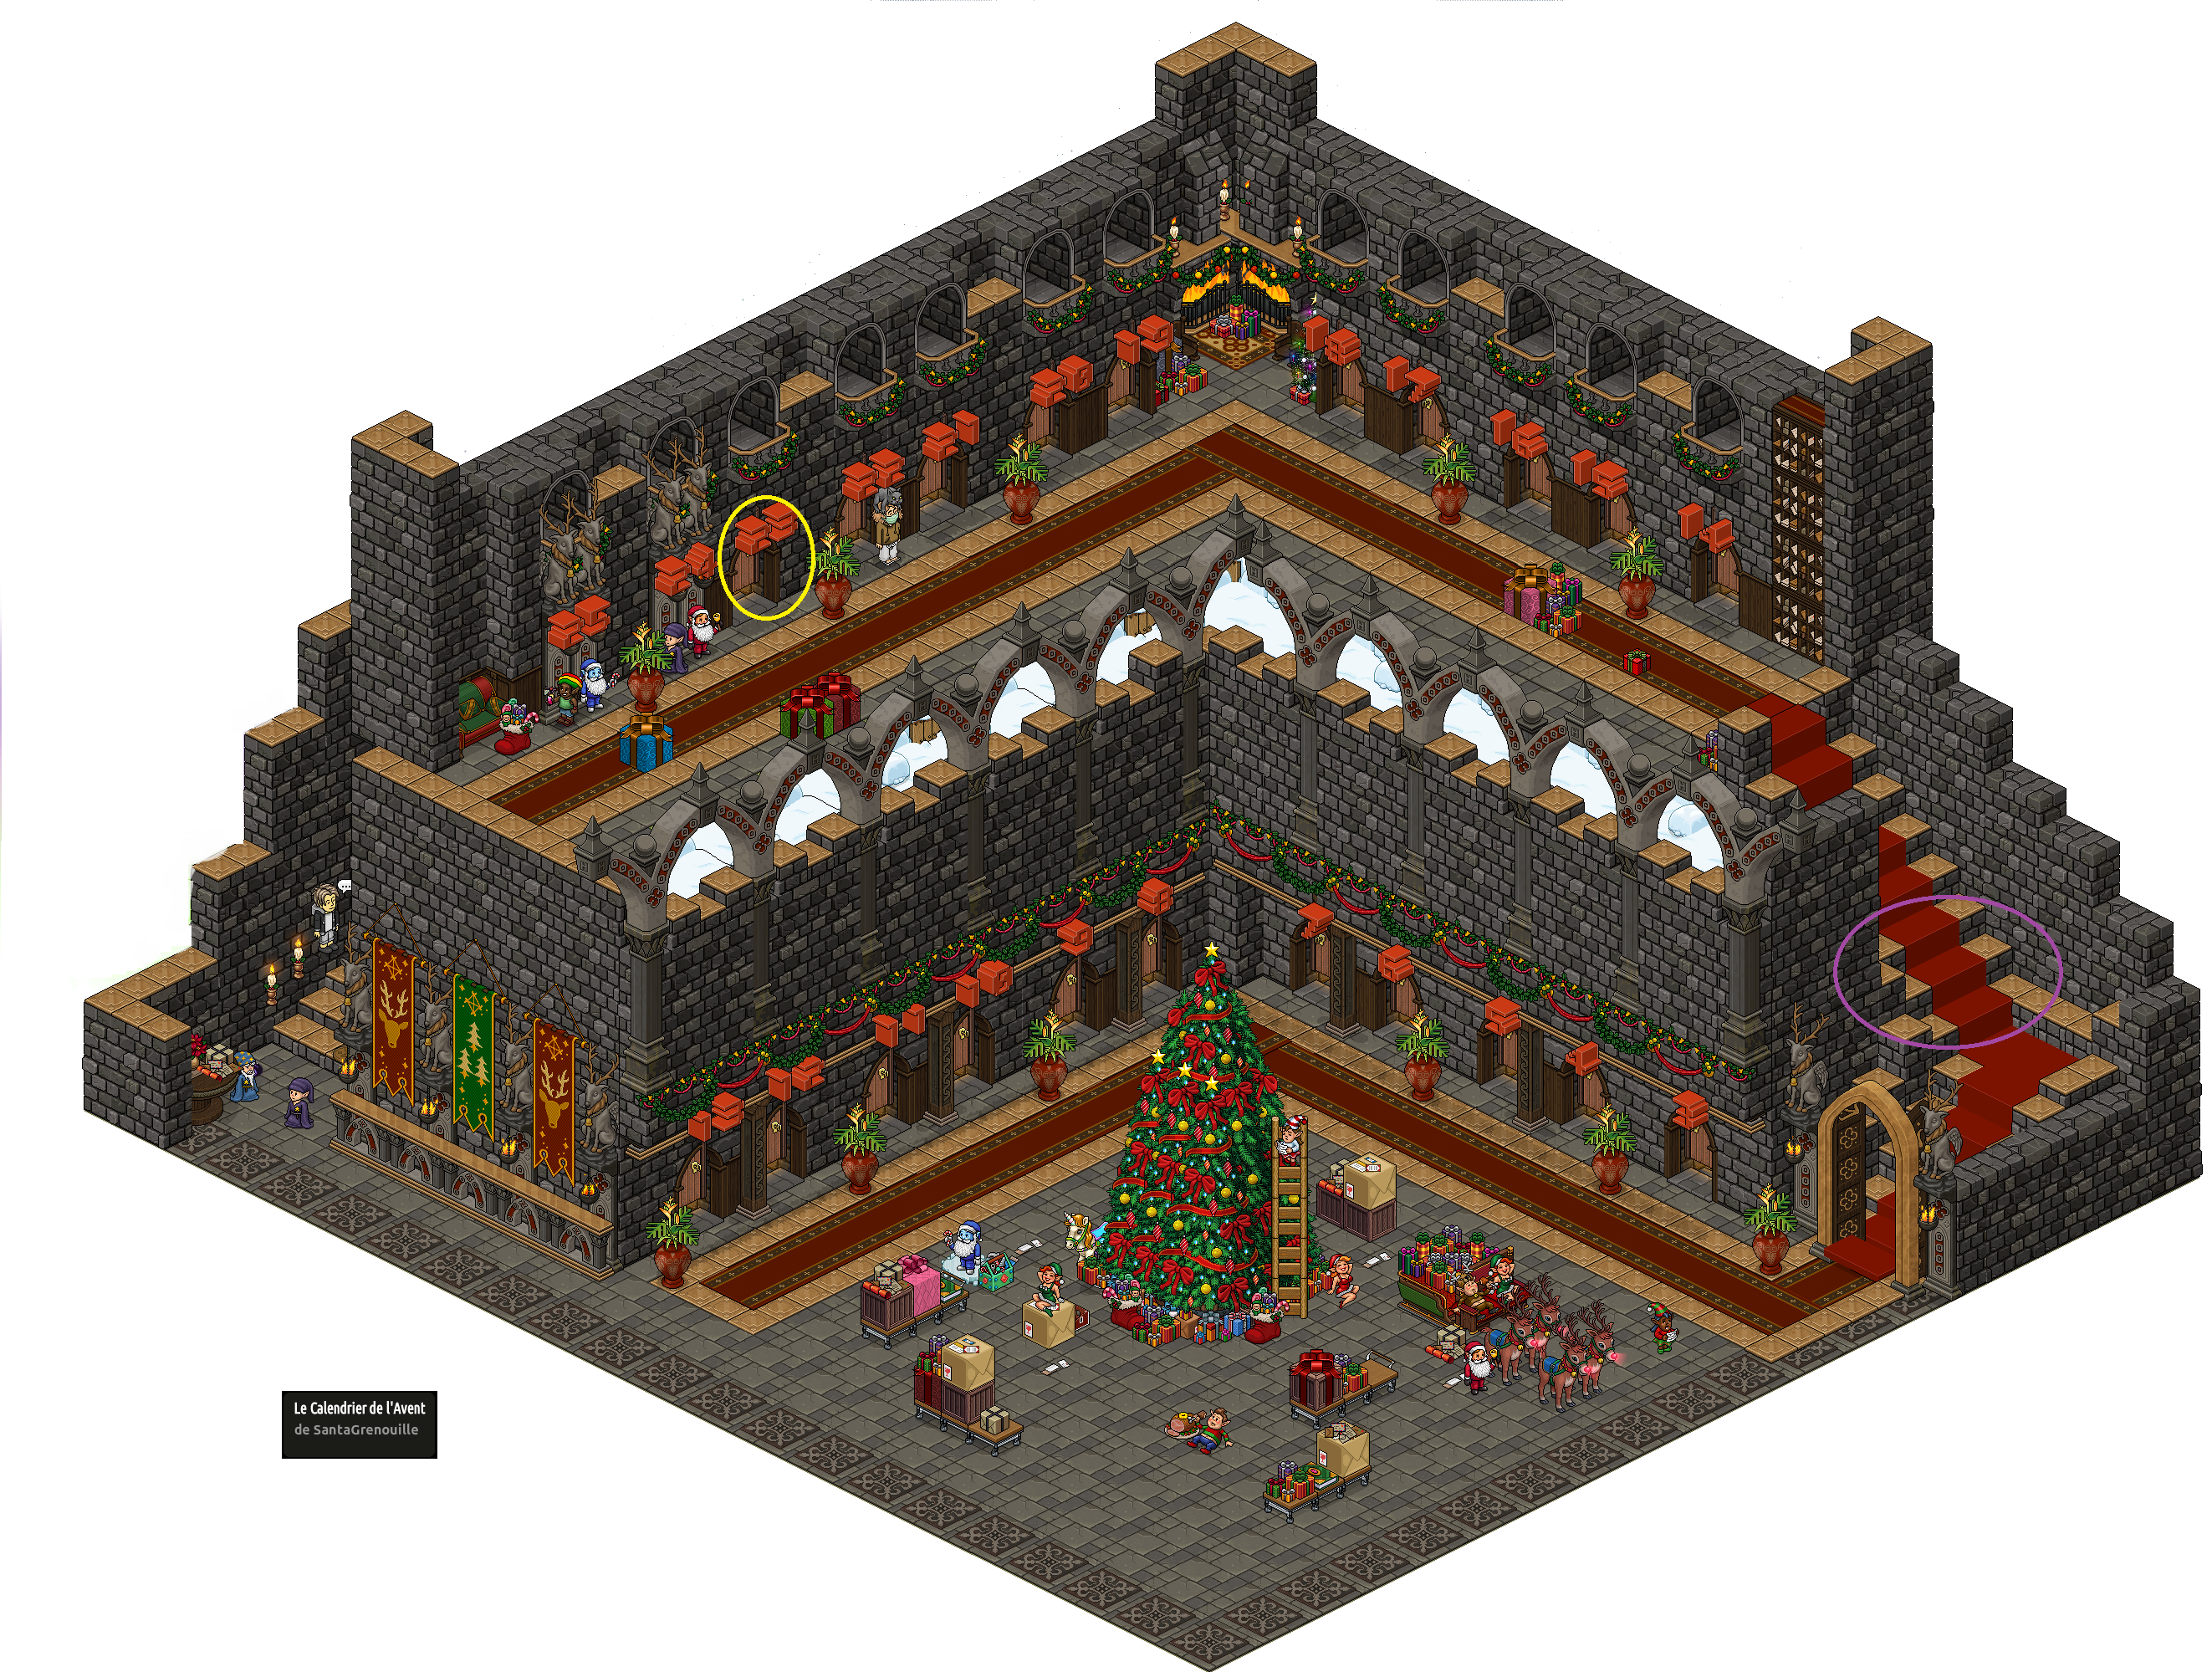 Château Magique du Calendrier de l'Avent Noël 2016 - Jour 23